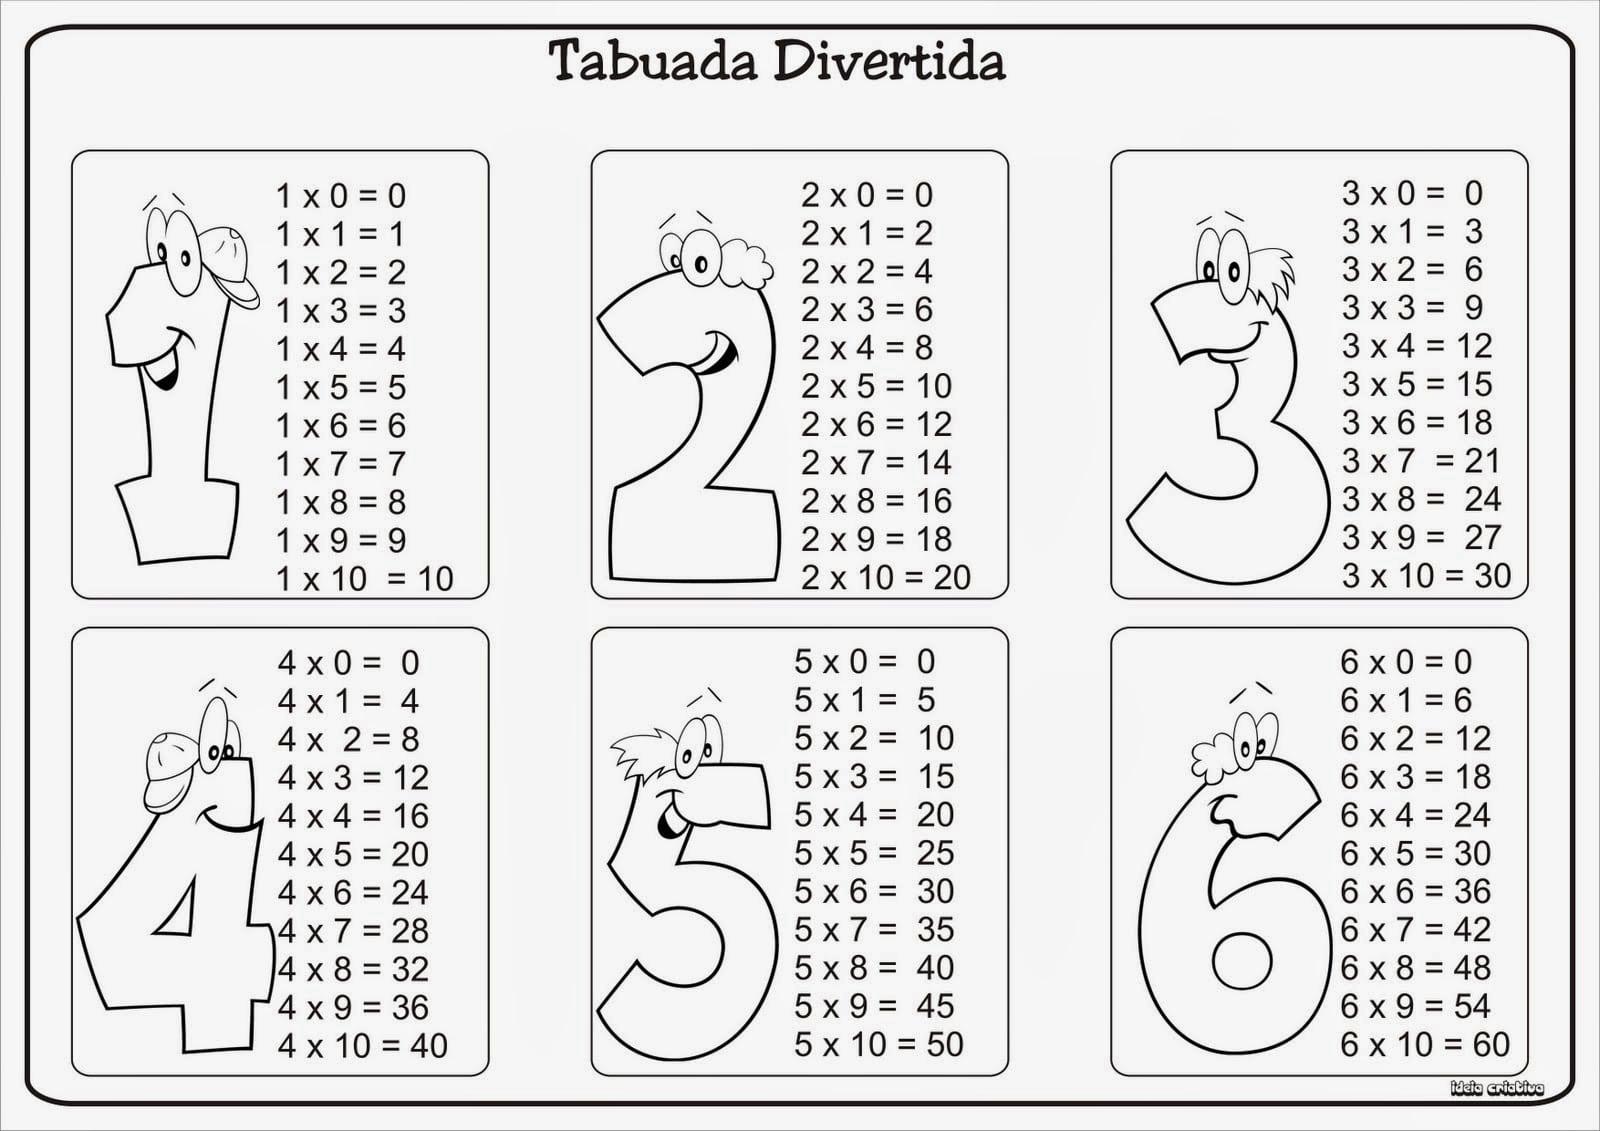 Imprimir Tabuada